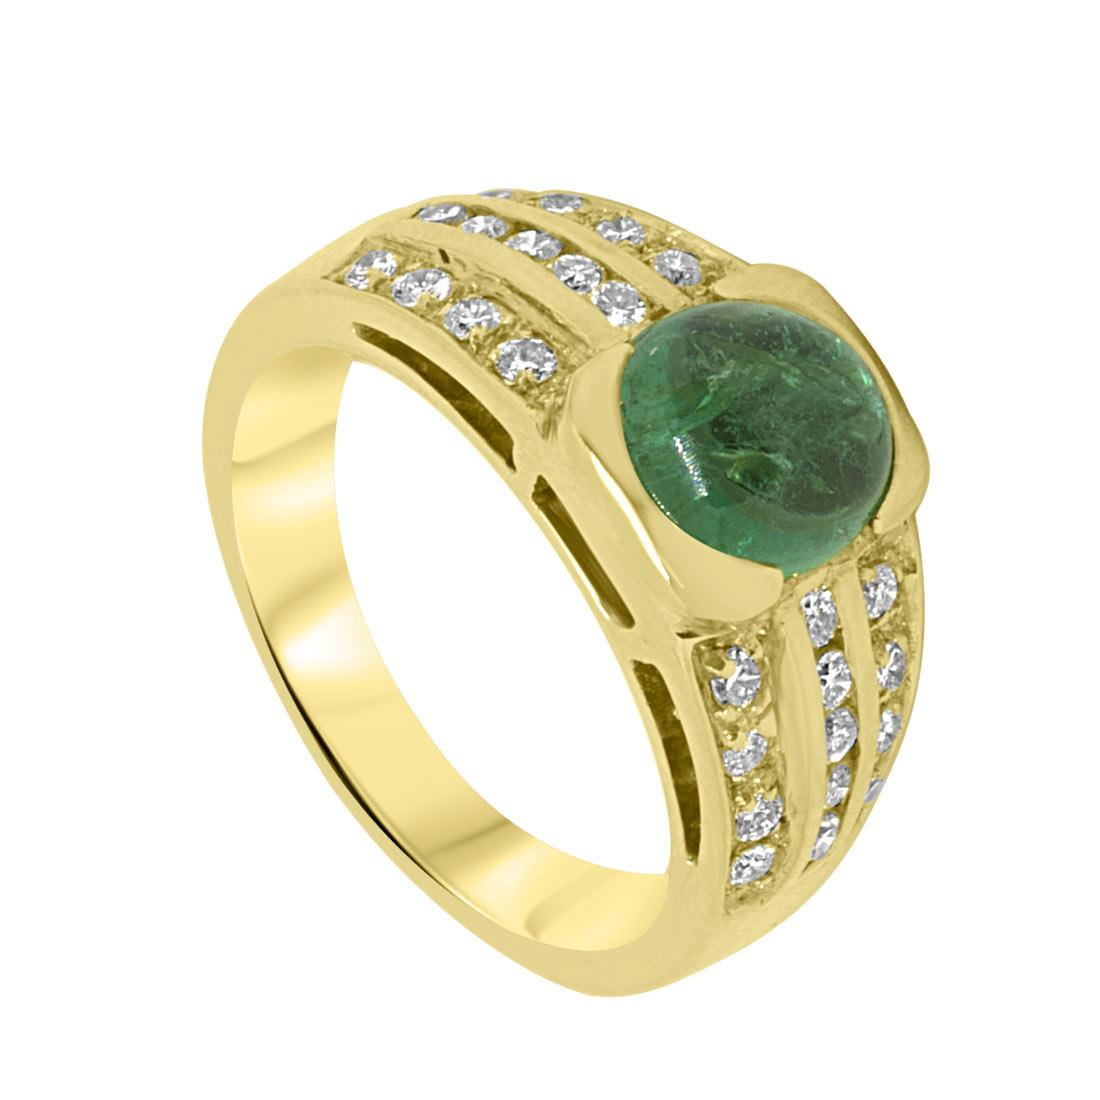 Anello Oro & Co in oro giallo con diamanti ct 0.78 e smeraldo ct 2.32, misura 14 - ORO&CO